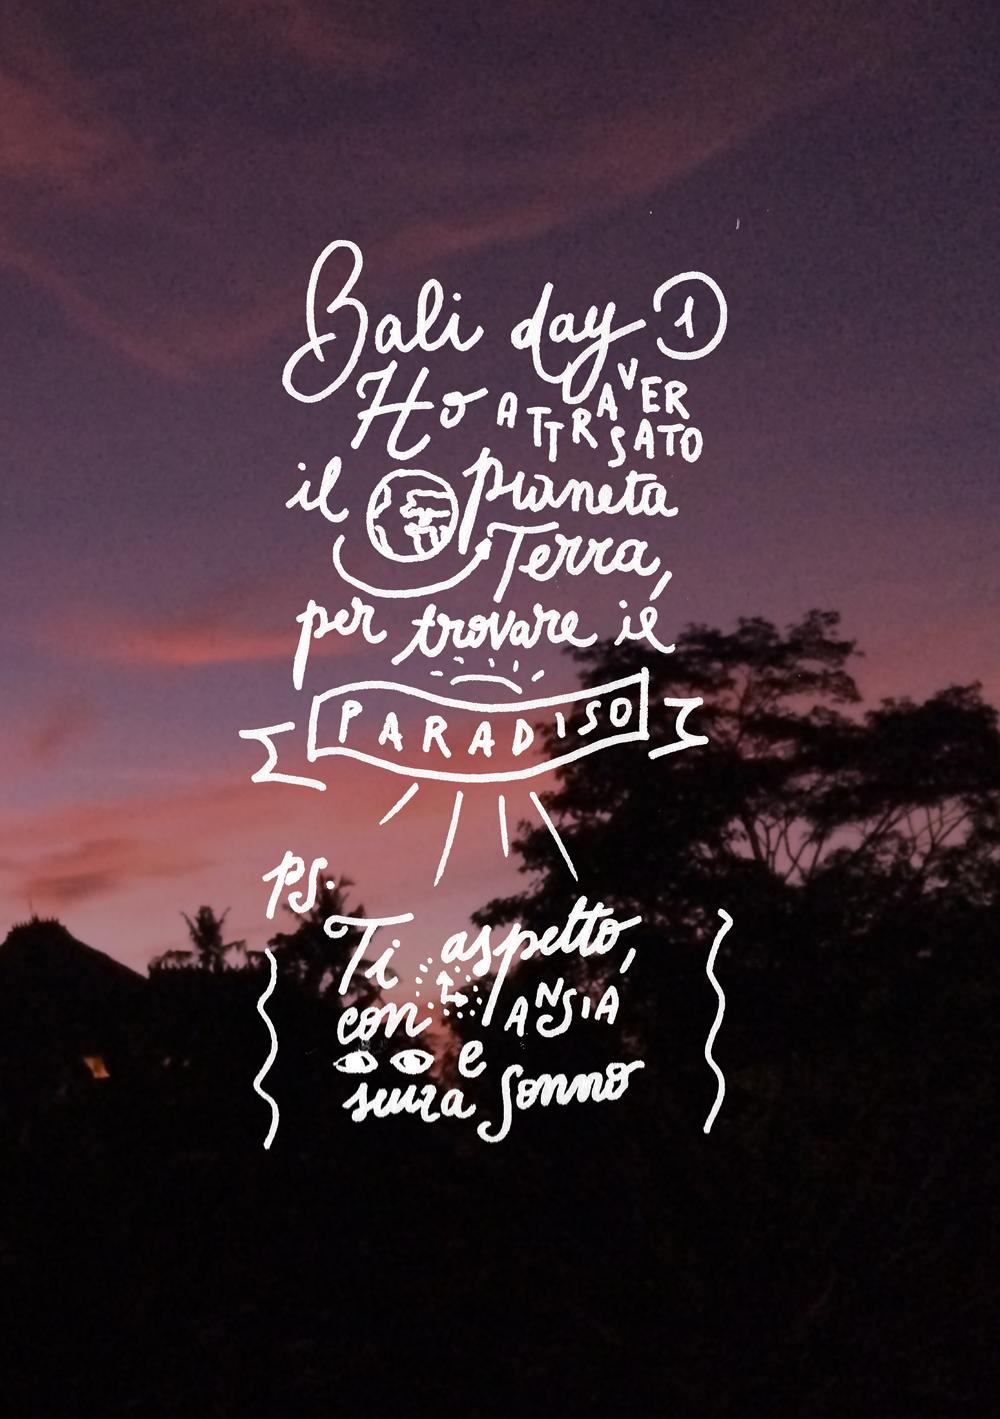 Balidays_1.png